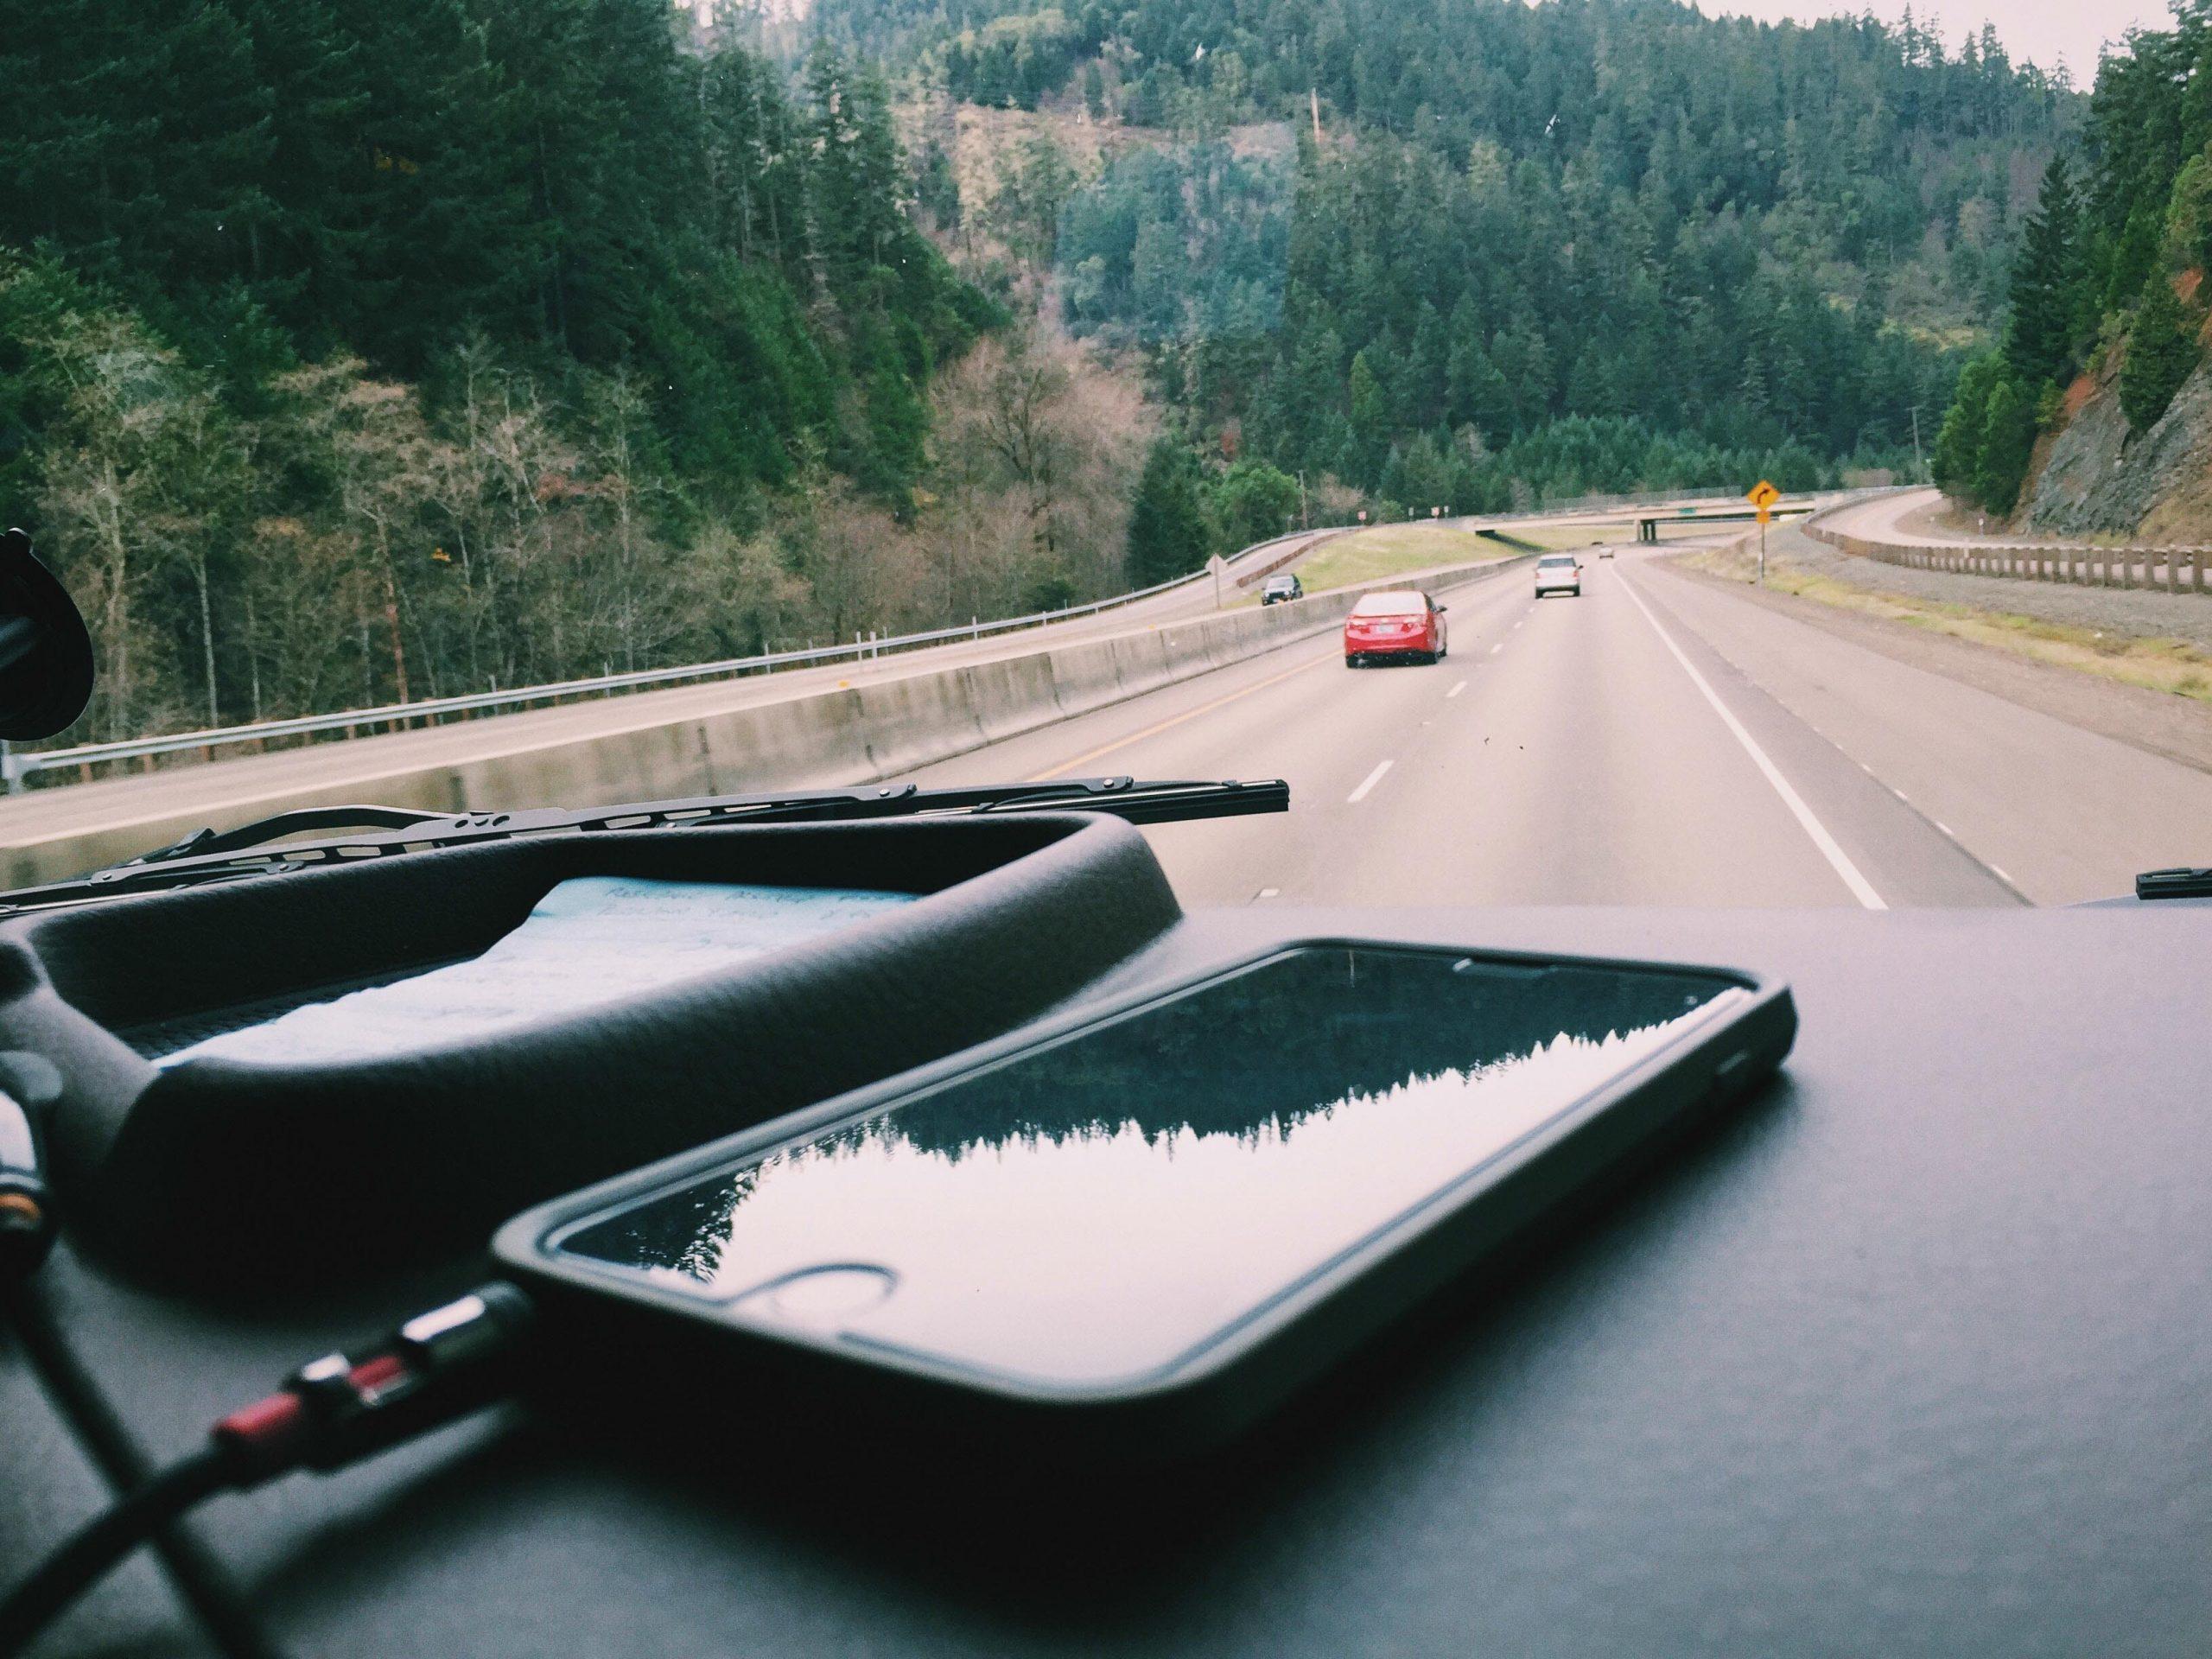 Lo que no te puede faltar en un viaje por carretera para acampar.